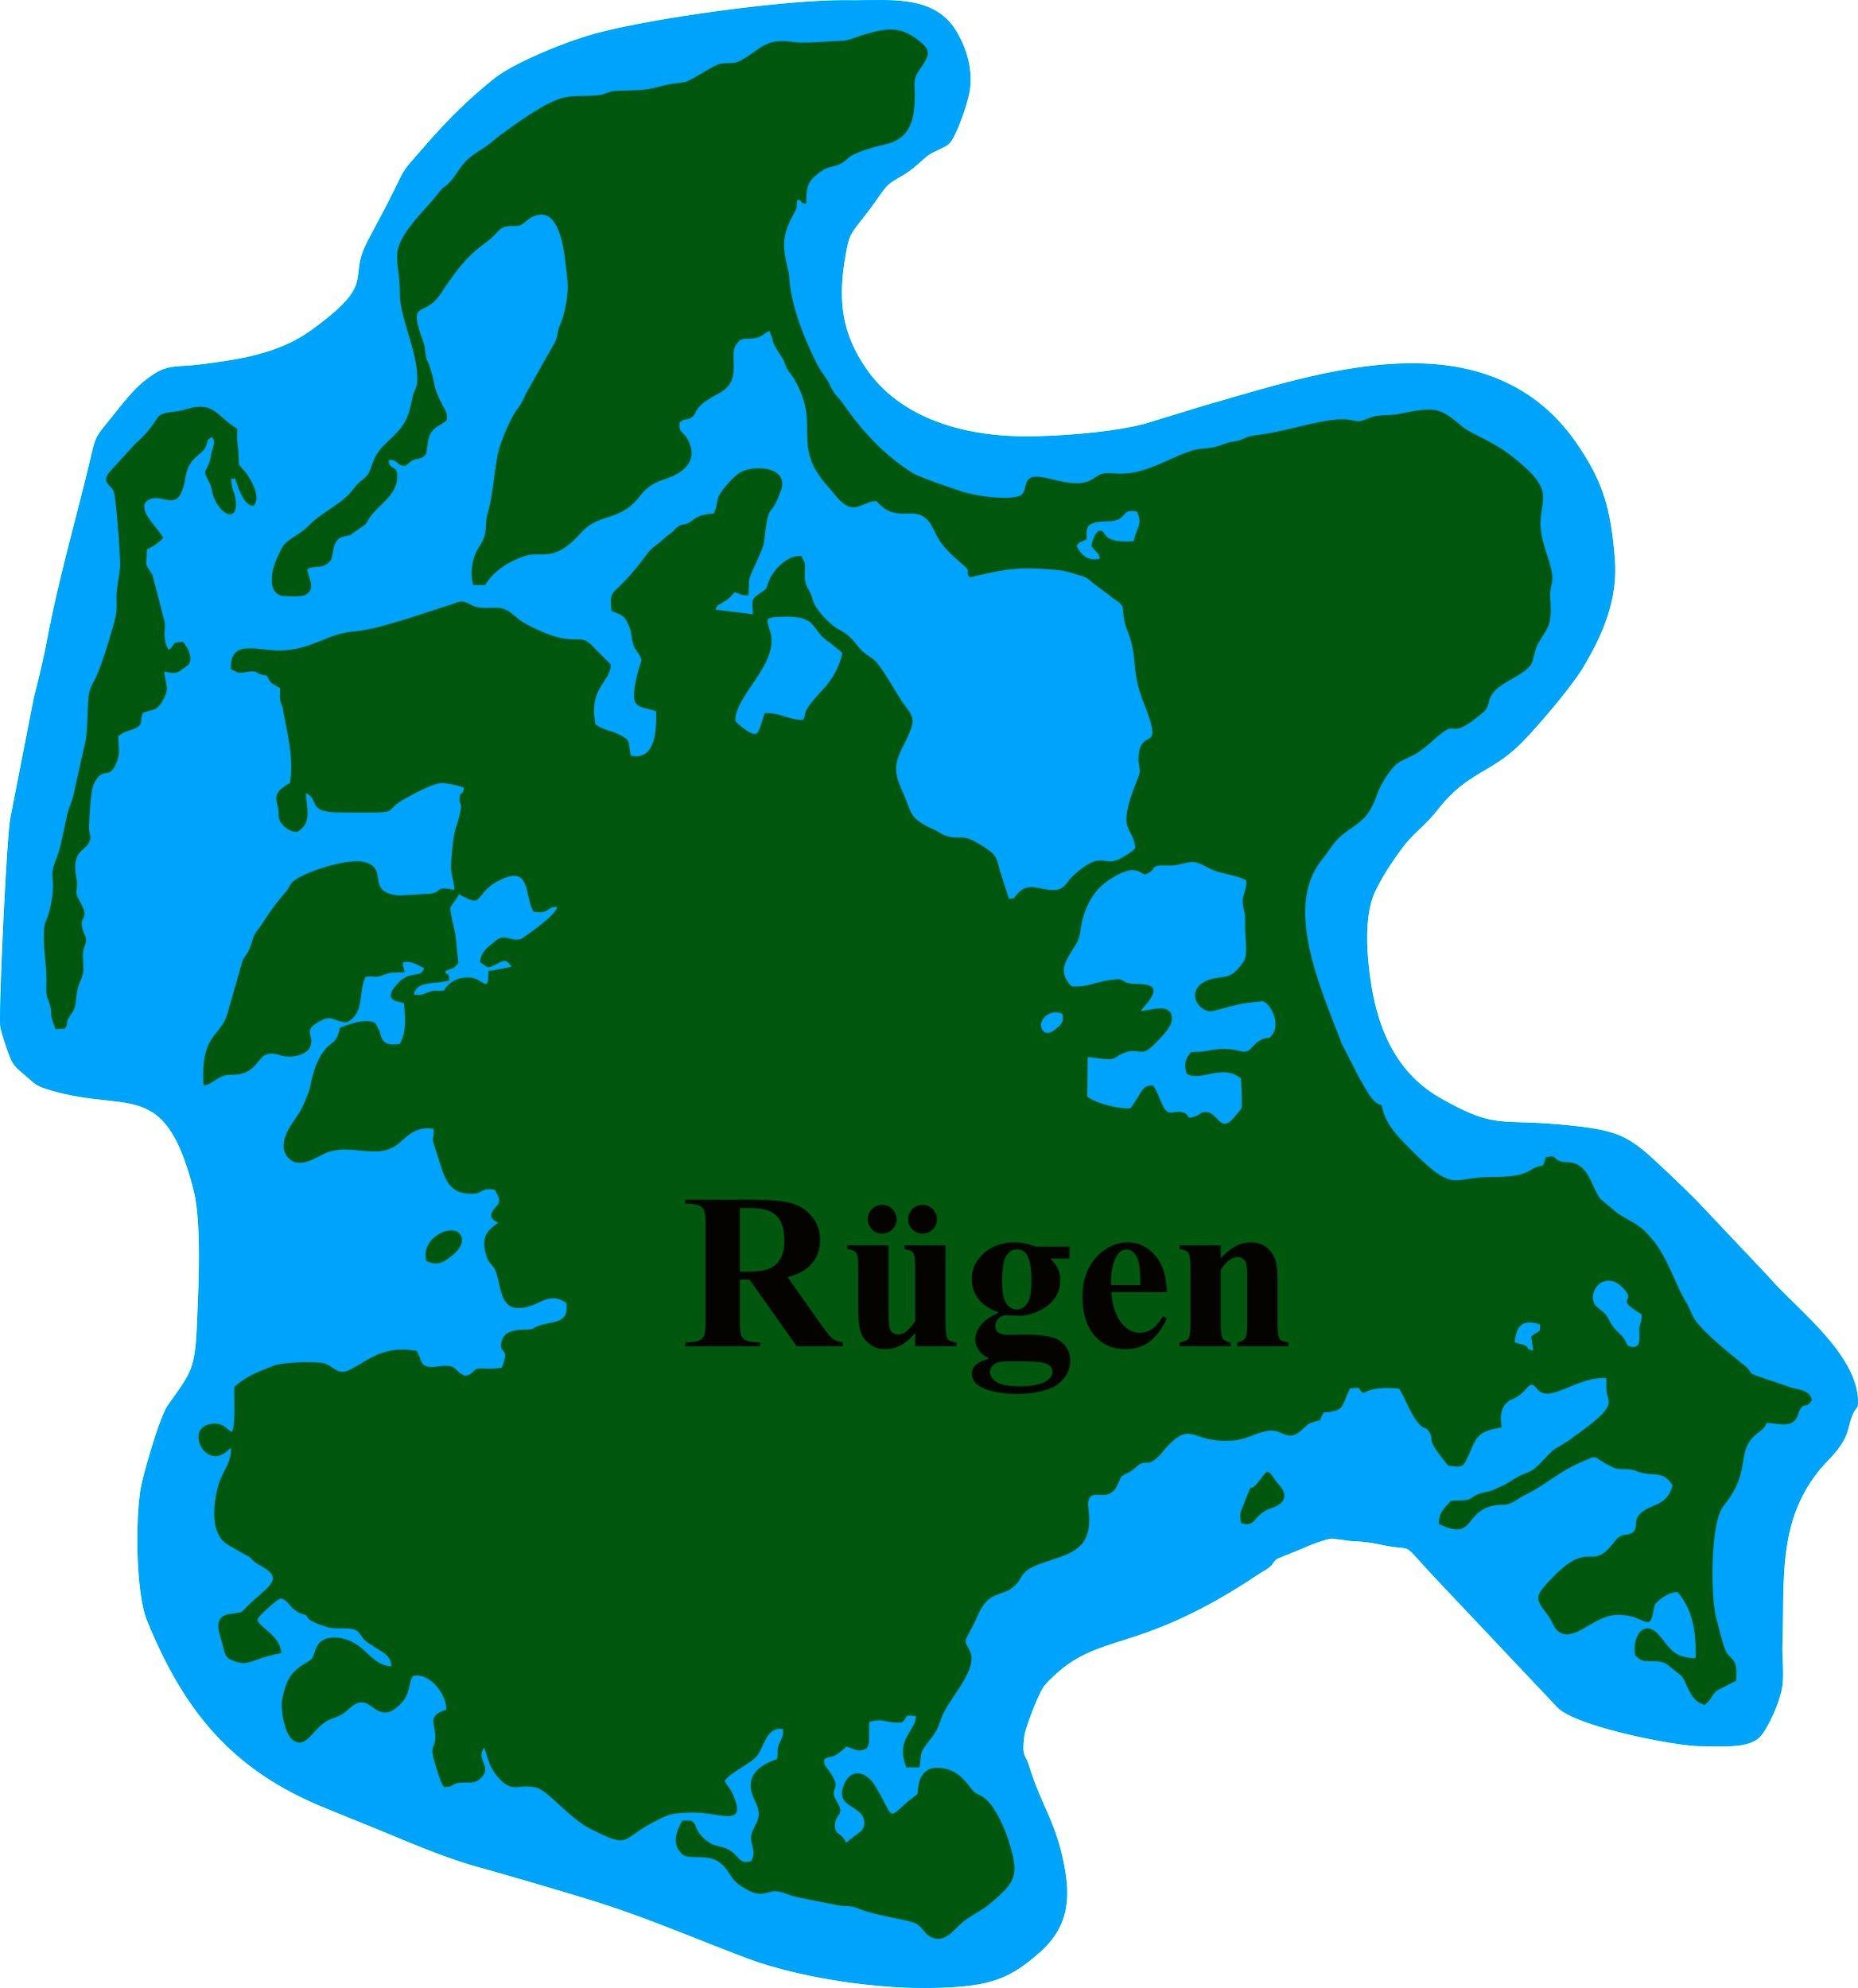 Aufkleber Rügen Landkontur 90 x 85 mm – Bild 1